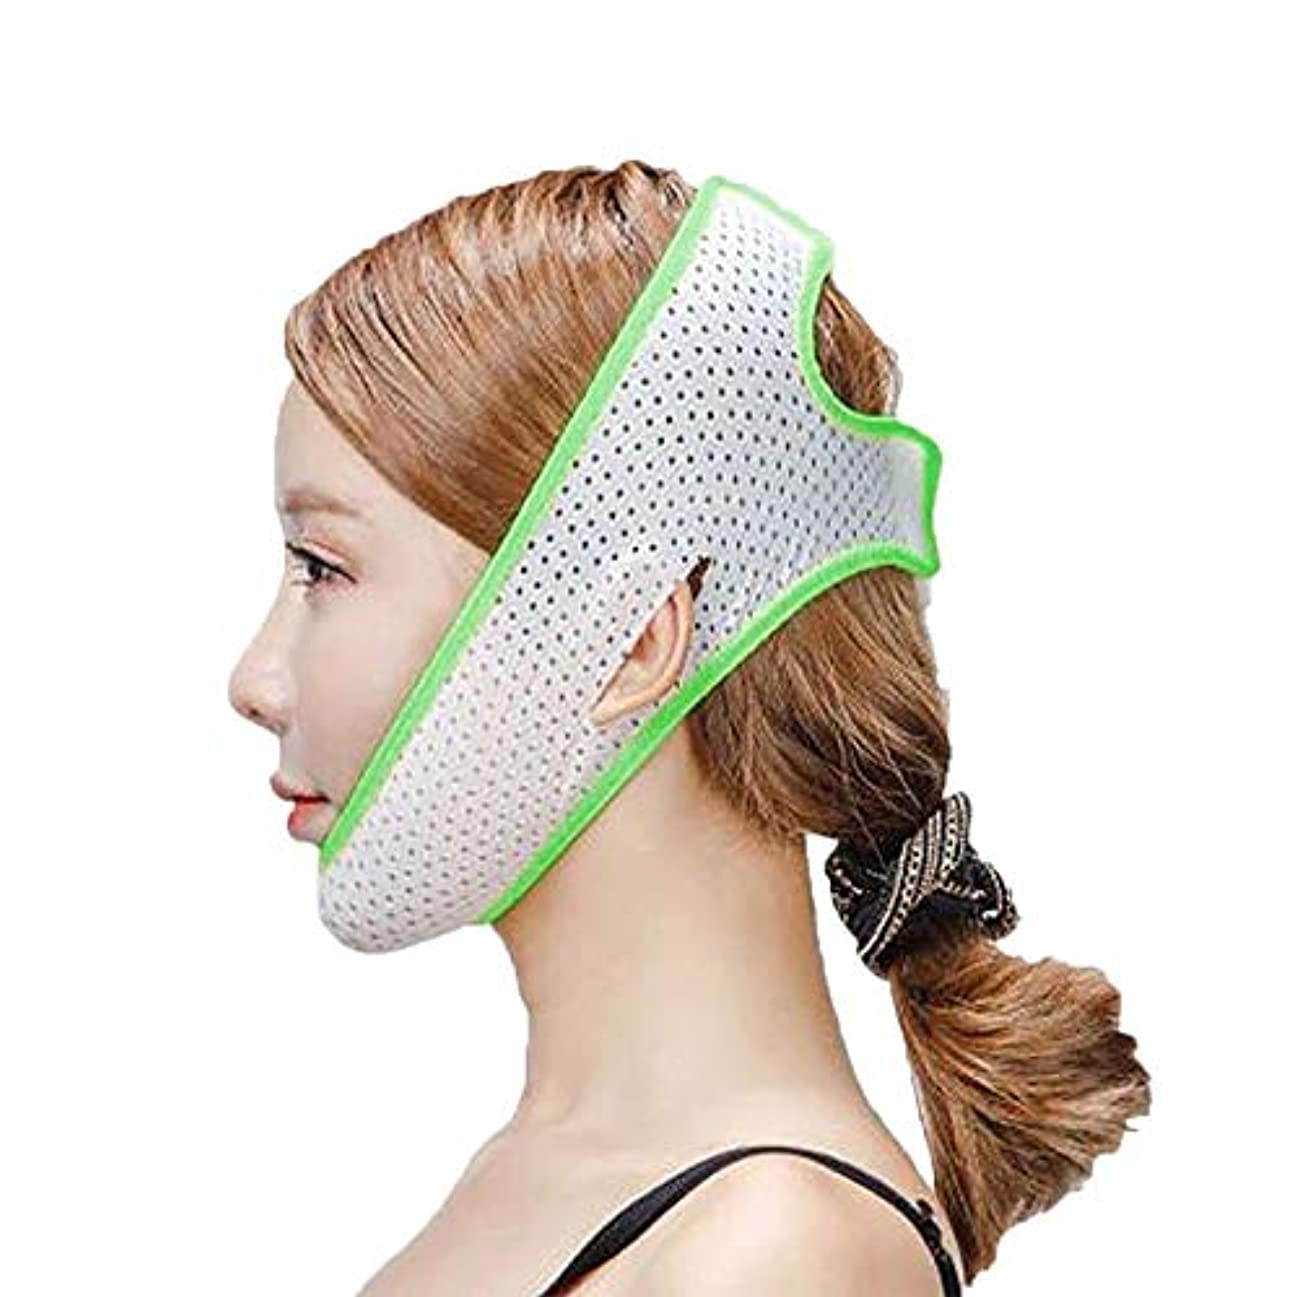 キャプチャー唯物論妥協XHLMRMJ フェイスリフトマスク、ダブルチンストラップ、フェイシャル減量マスク、フェイシャルダブルチンケアスリミングマスク、リンクルマスク(フリーサイズ) (Color : Green)